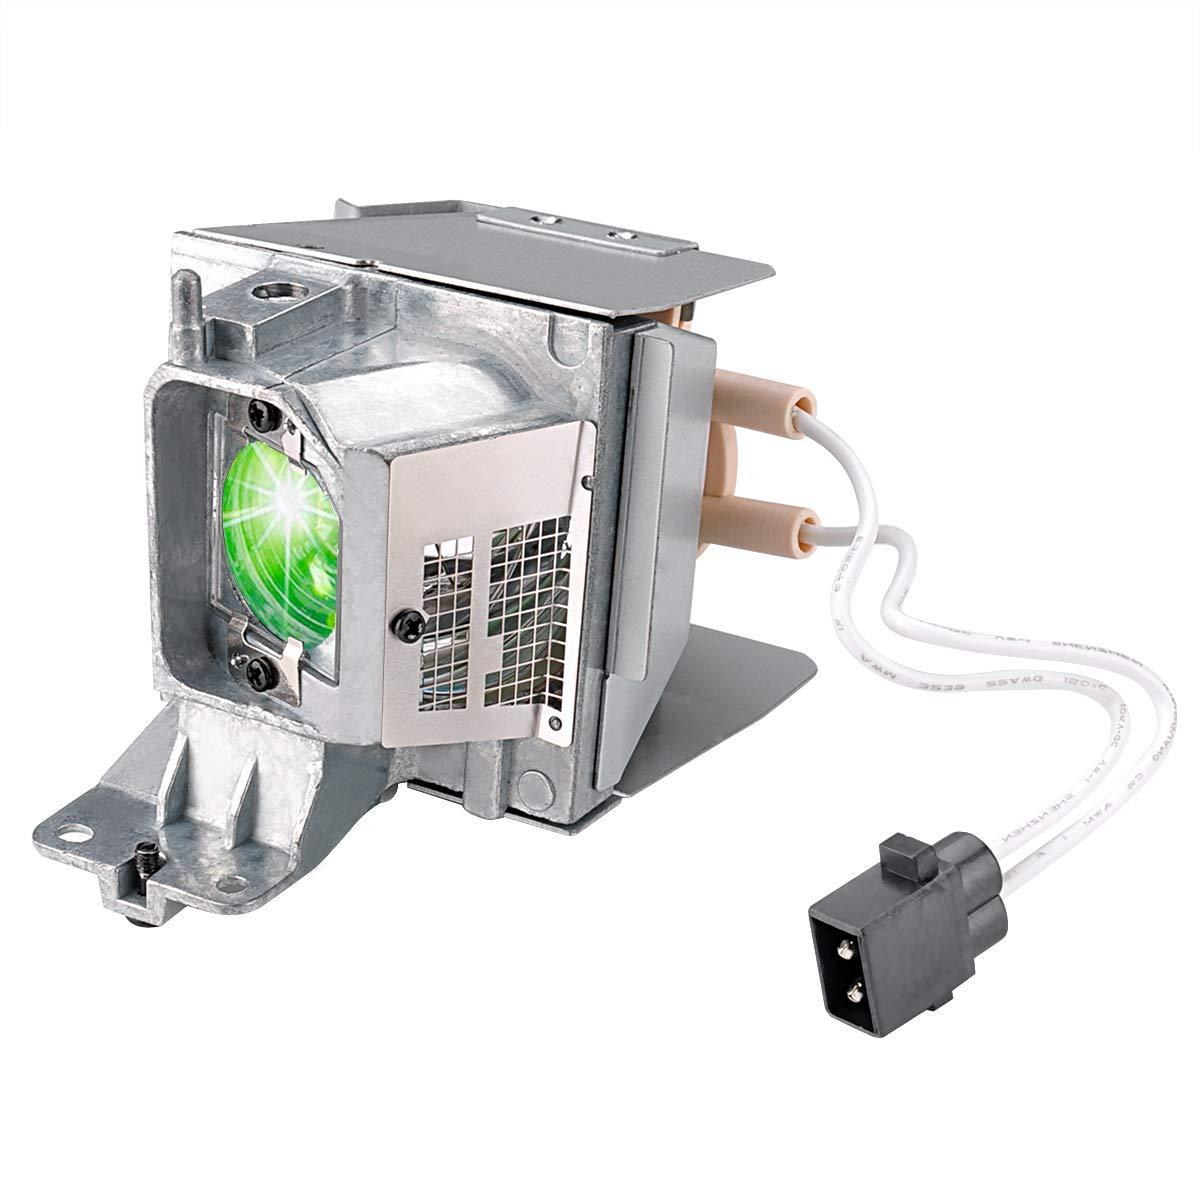 LBTbate BL-FU195C/SP.72J02GC01/BL-FU195A Replacement Projector Lamp for Optoma HD142X HD27 S341 X341 W341 EH331 DH1009i HD137X HD140X HD240Wi HD26Bi HD270 HD422X Projector Bulb with Housing